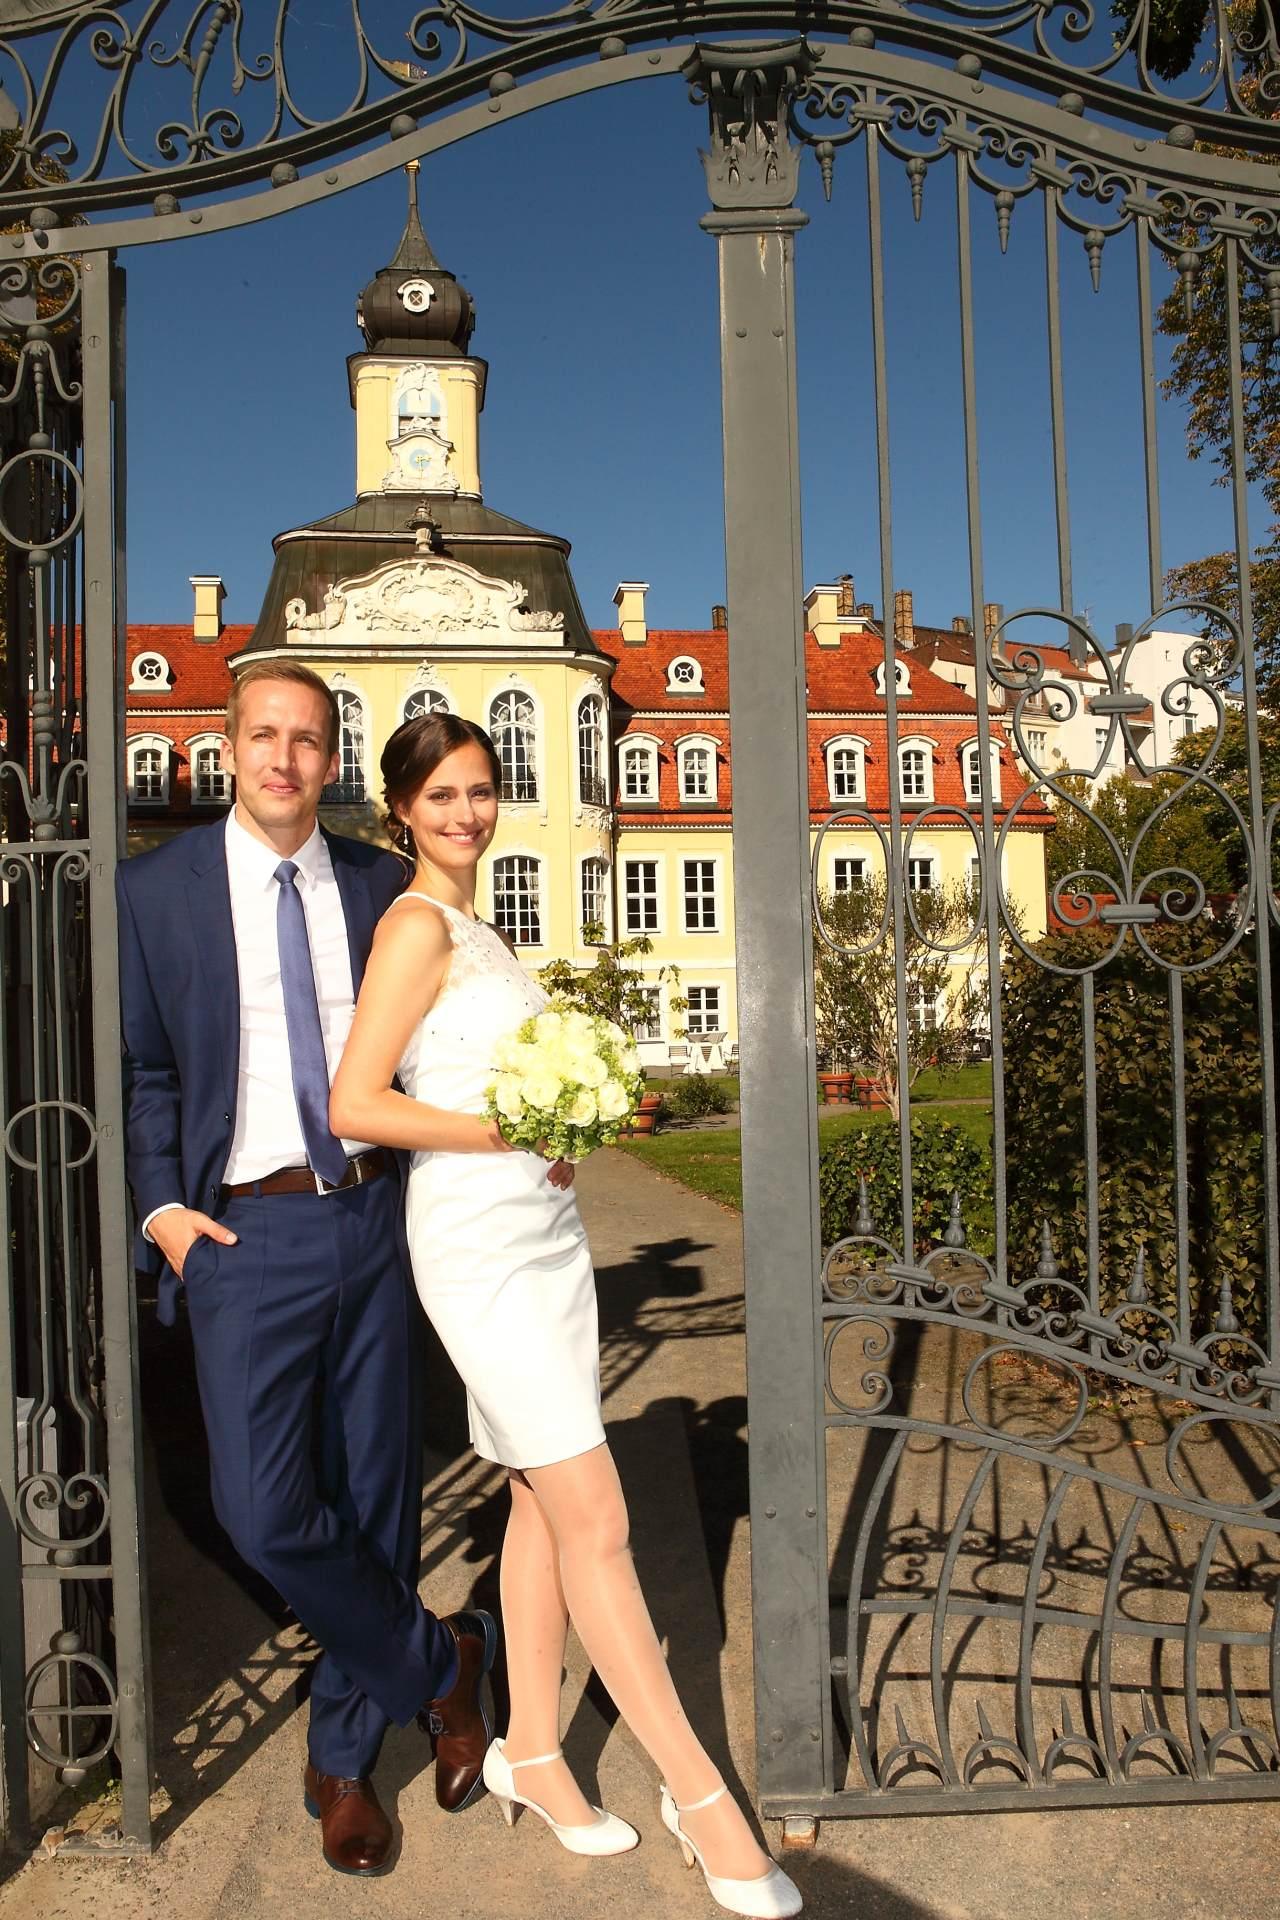 Hochzeitsfotos in Leipzig - Hochzeitspaar in der Sonne vor dem Schloss